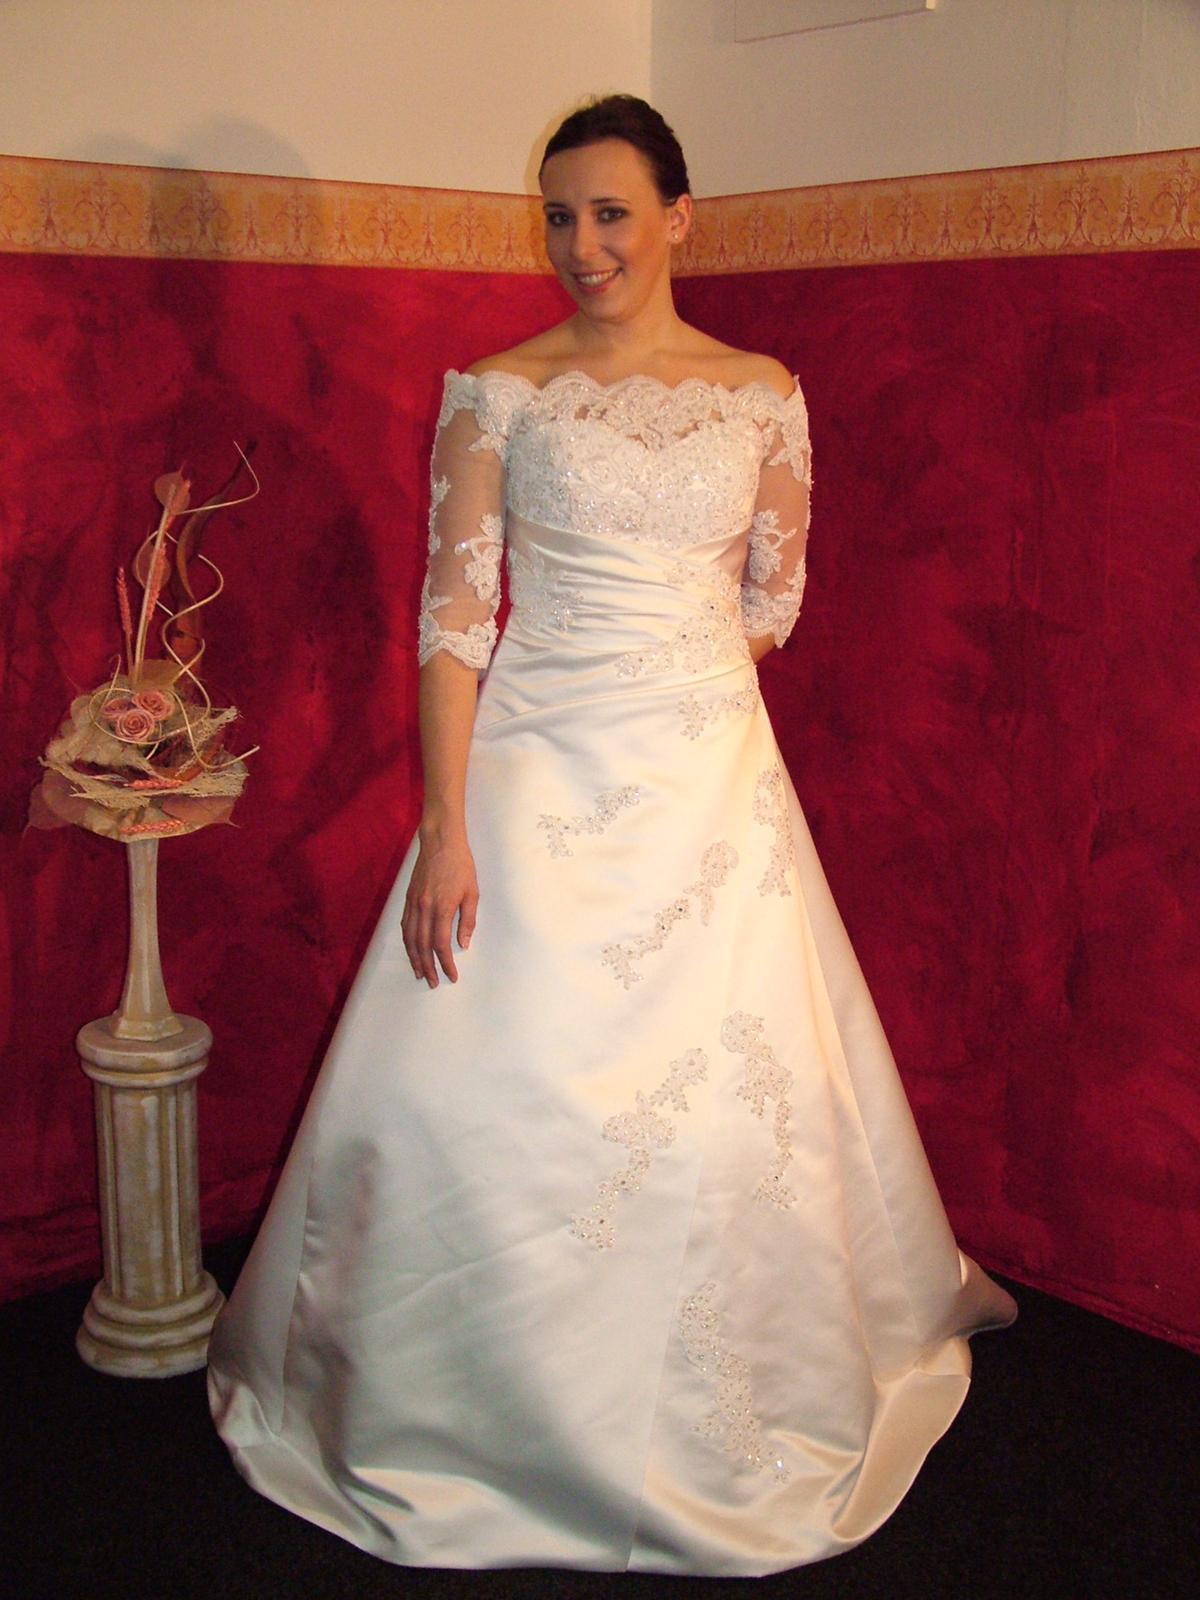 Výprodej svatebních šatů od 1500 Kč - Obrázek č. 12